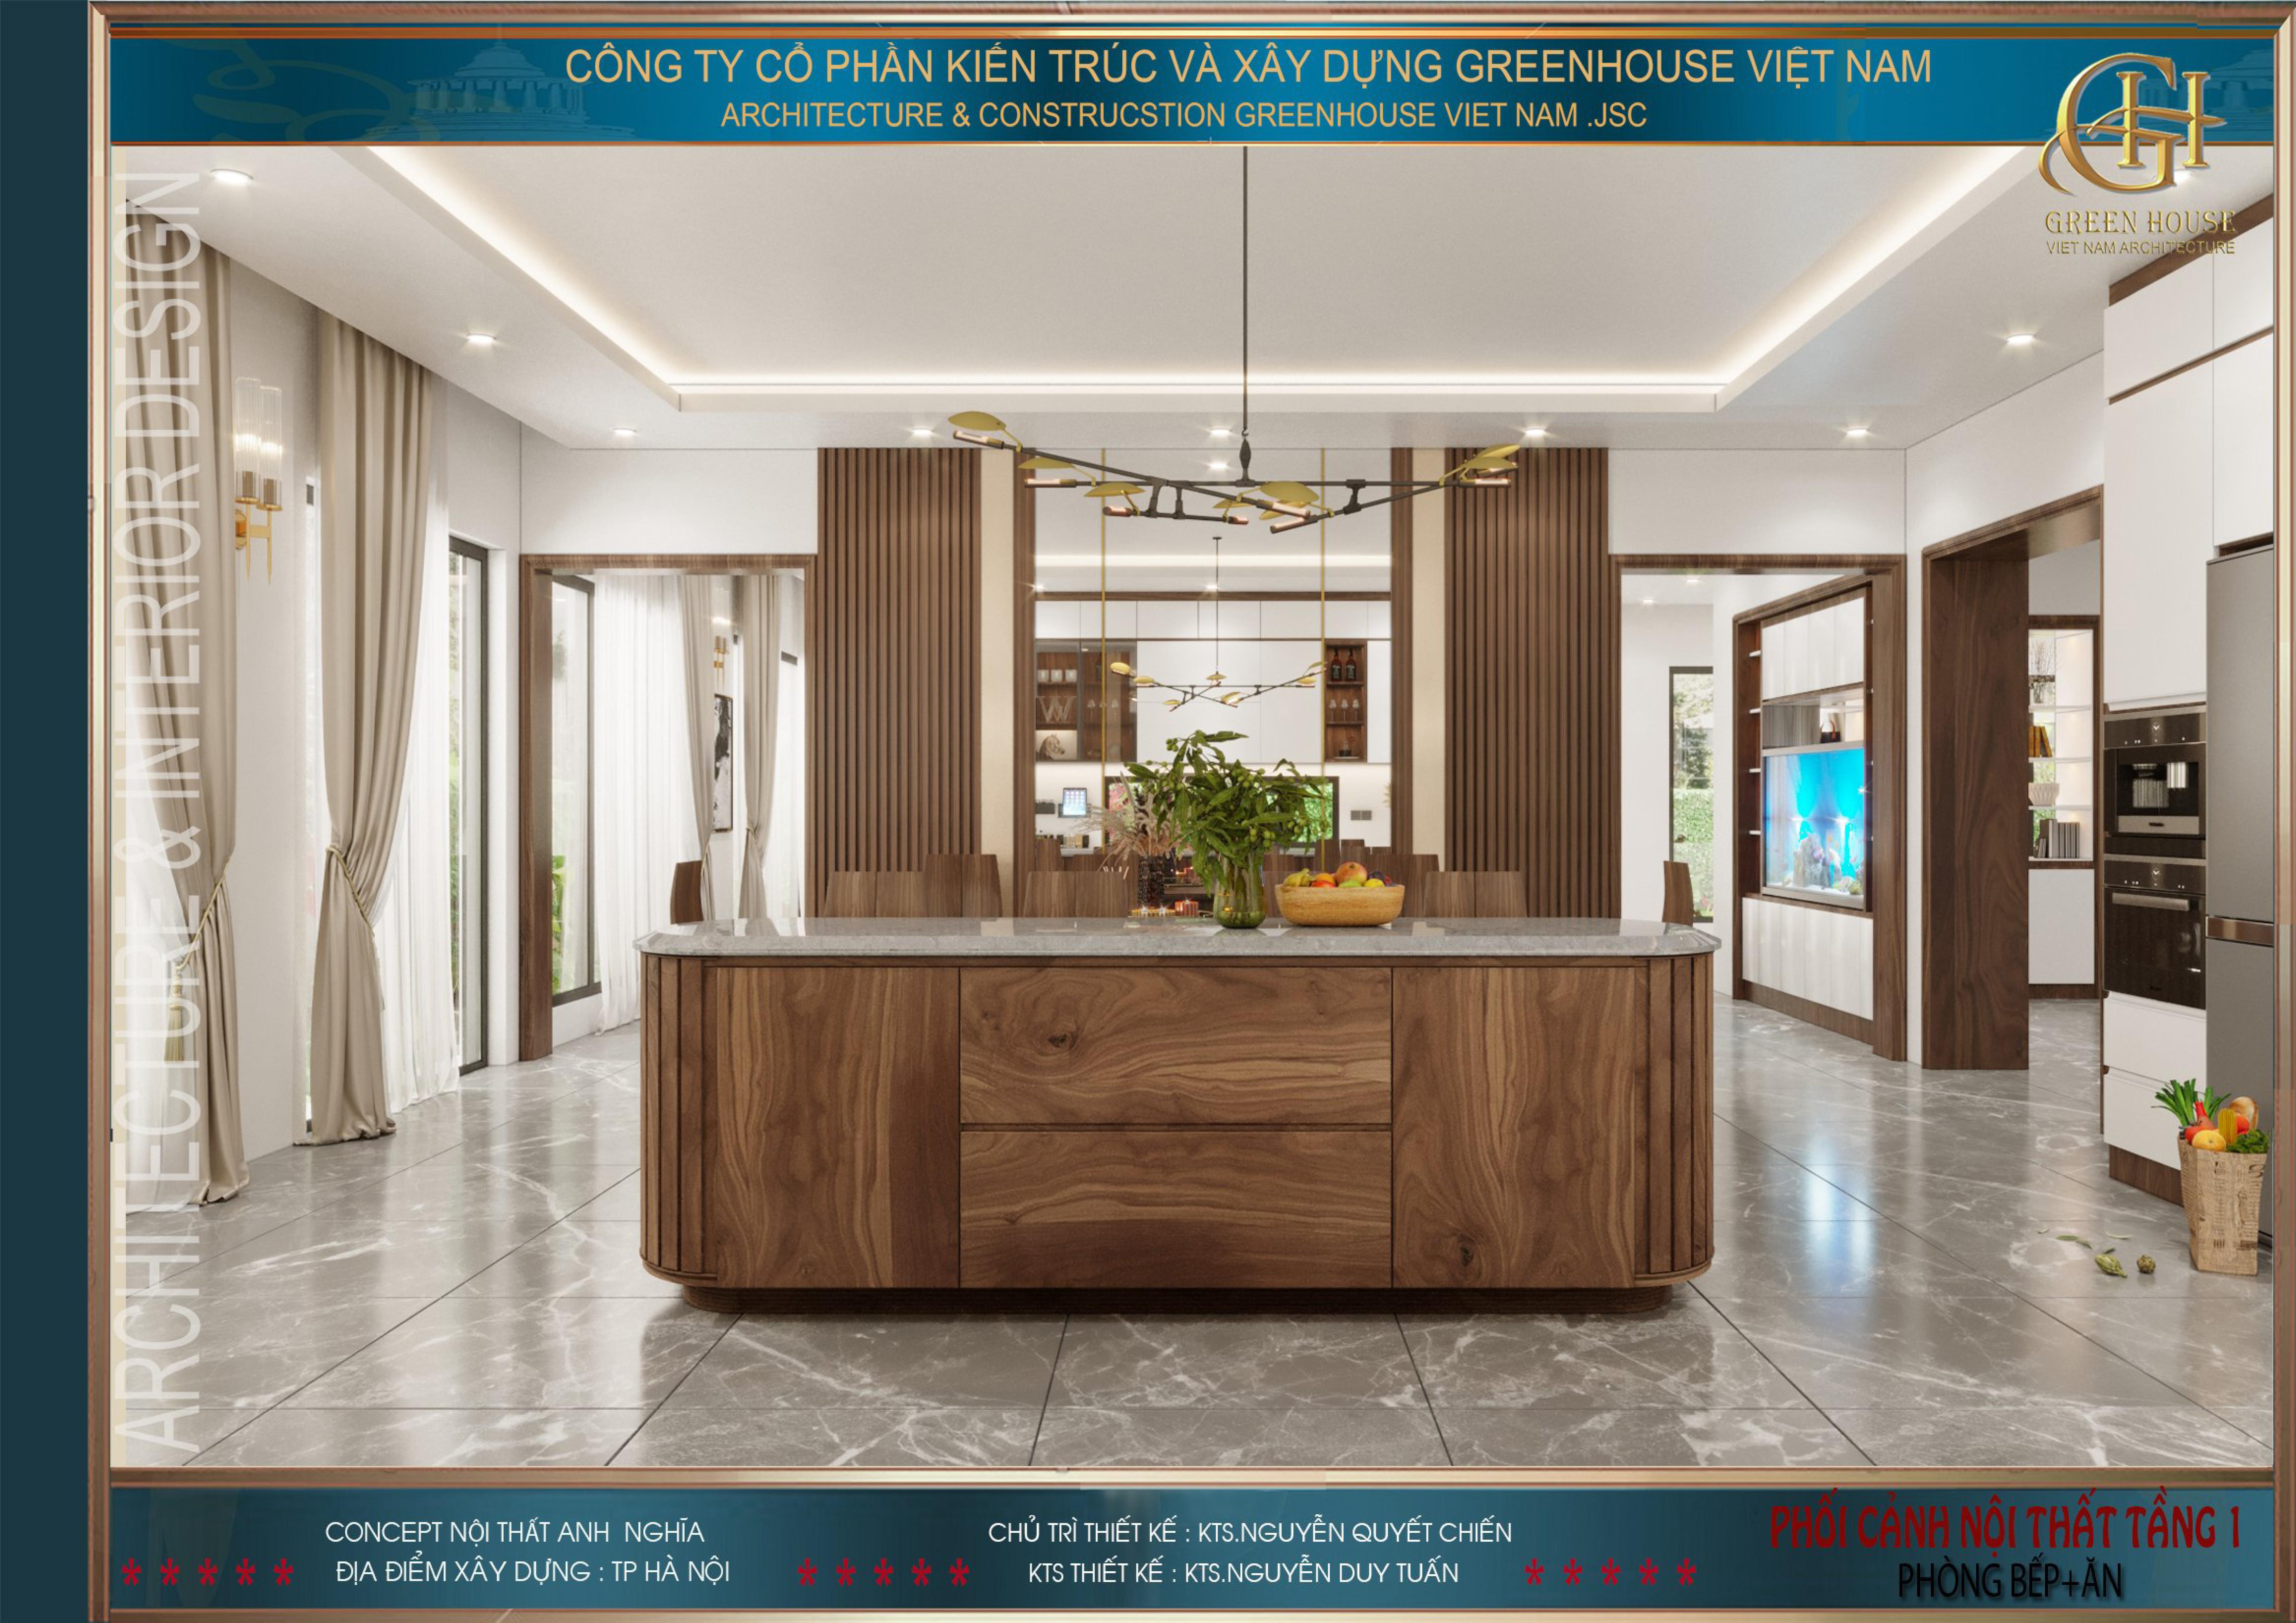 Nội thất phòng bếp và phòng ăn của biệt thự hiện đại được ưu tiên sử dụng vật liệu gỗ công nghiệp có màu sắc, kiểu dáng hấp dẫn